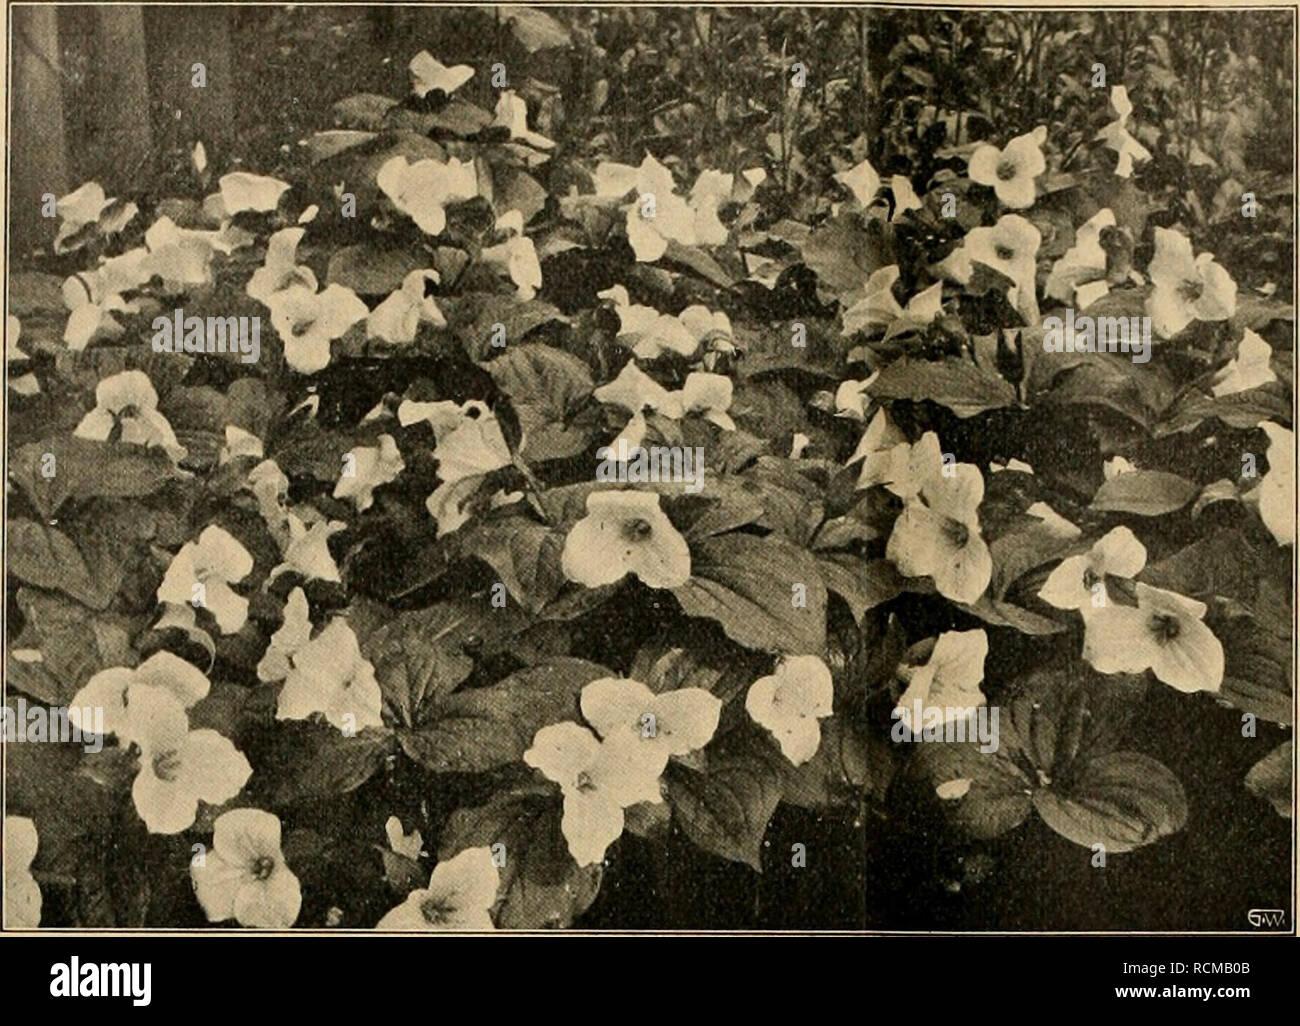 """. Die Gartenwelt. Gardening. 442 Die Gartenwelt. XVI, 32. Trillium grandiflorum. Originalaufnahme für die """"Gartenwelt"""". Gemüsebau. Das neue runde Riesen-Butter-Treibradies, eine Züchtung von F. C. Heinemann, Erfurt, verdient nach meinen Erfahrungen die wärmste Empfehlung. Es besitzt eine schöne, gleichmäßig runde Form von scharlachroter Färbung, sein Fleisch ist sehr wohl- schmeckend und steht in nichts dem Wohlgeschmack der gewöhn- lichen kleinen Sorten nach. Diese hervorragende Neuheit über- trifft das Erfurter Riesen- treibradies schon des- halb, weil sie kurzlaubi- ger ist. Für Treibk Stock Photo"""